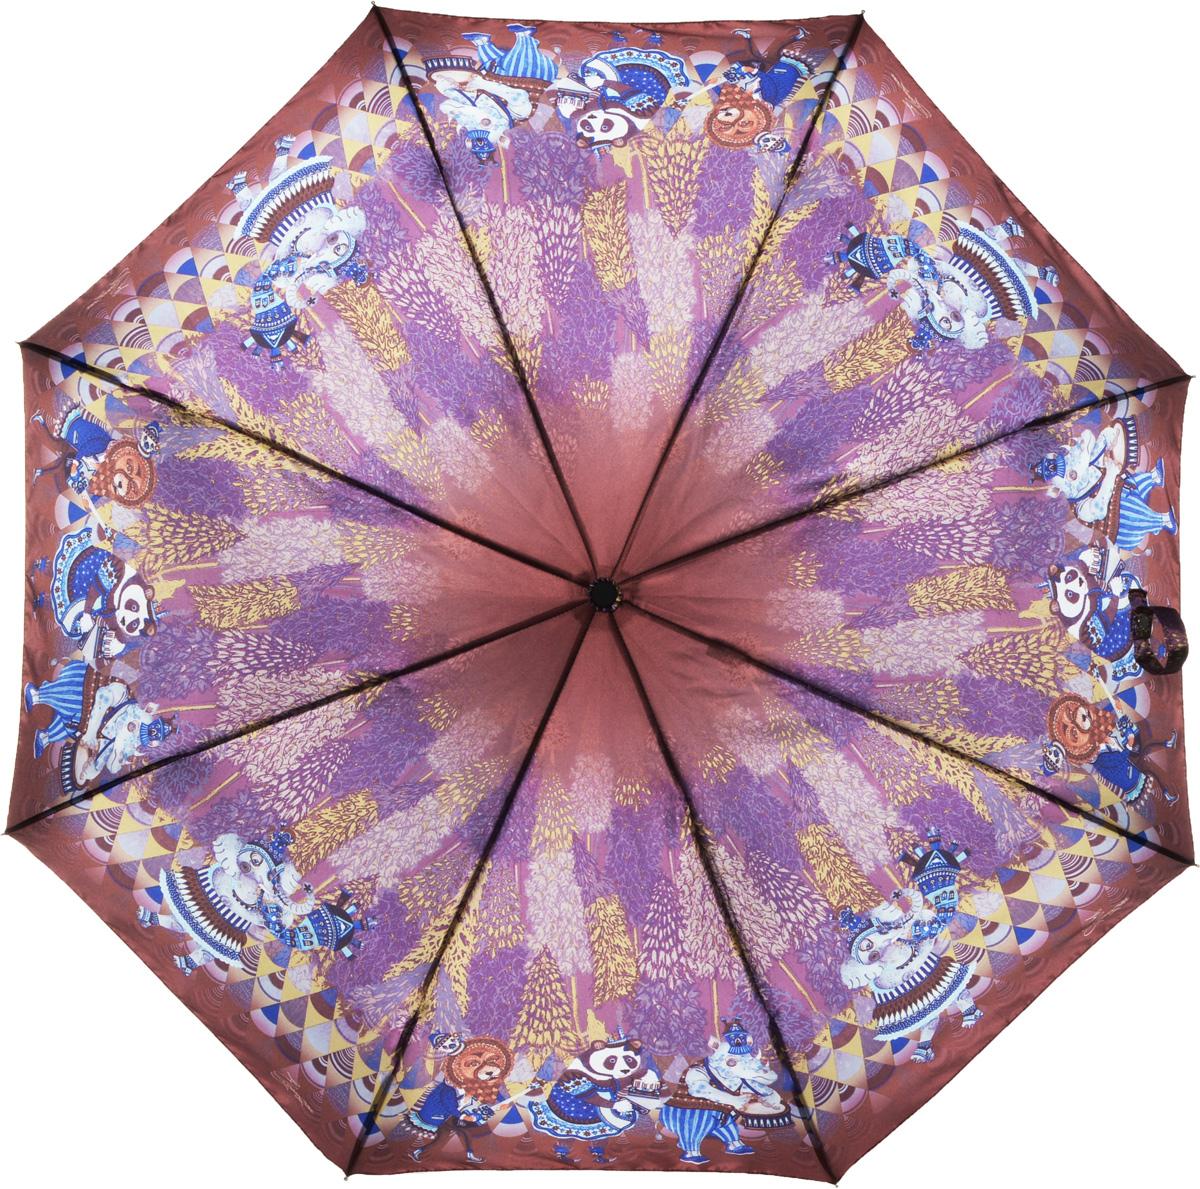 Зонт женский Eleganzza, автомат, 3 сложения, цвет: коричневый. A3-05-0280LSA3-05-0280LSЖенский зонт-автомат торговой марки ELEGANZZA с каркасом Smart, который позволяет без особых усилий складывать зонт, не позволяя стержню вылетать обратно. Купол: 100% полиэстер, сатин. Материал каркаса: сталь + алюминий + фибергласс. Материал ручки: пластик. Длина изделия - 30 см. Диаметр купола - 105 см. Система Smart, не позволяет стержню при сложении вылететь обратно, это облегчает сложение зонта! При сложении есть характерный звук-треск, как трещетка. Примечание: зонт не откроется с кнопки если его не закрыть до щелчка!